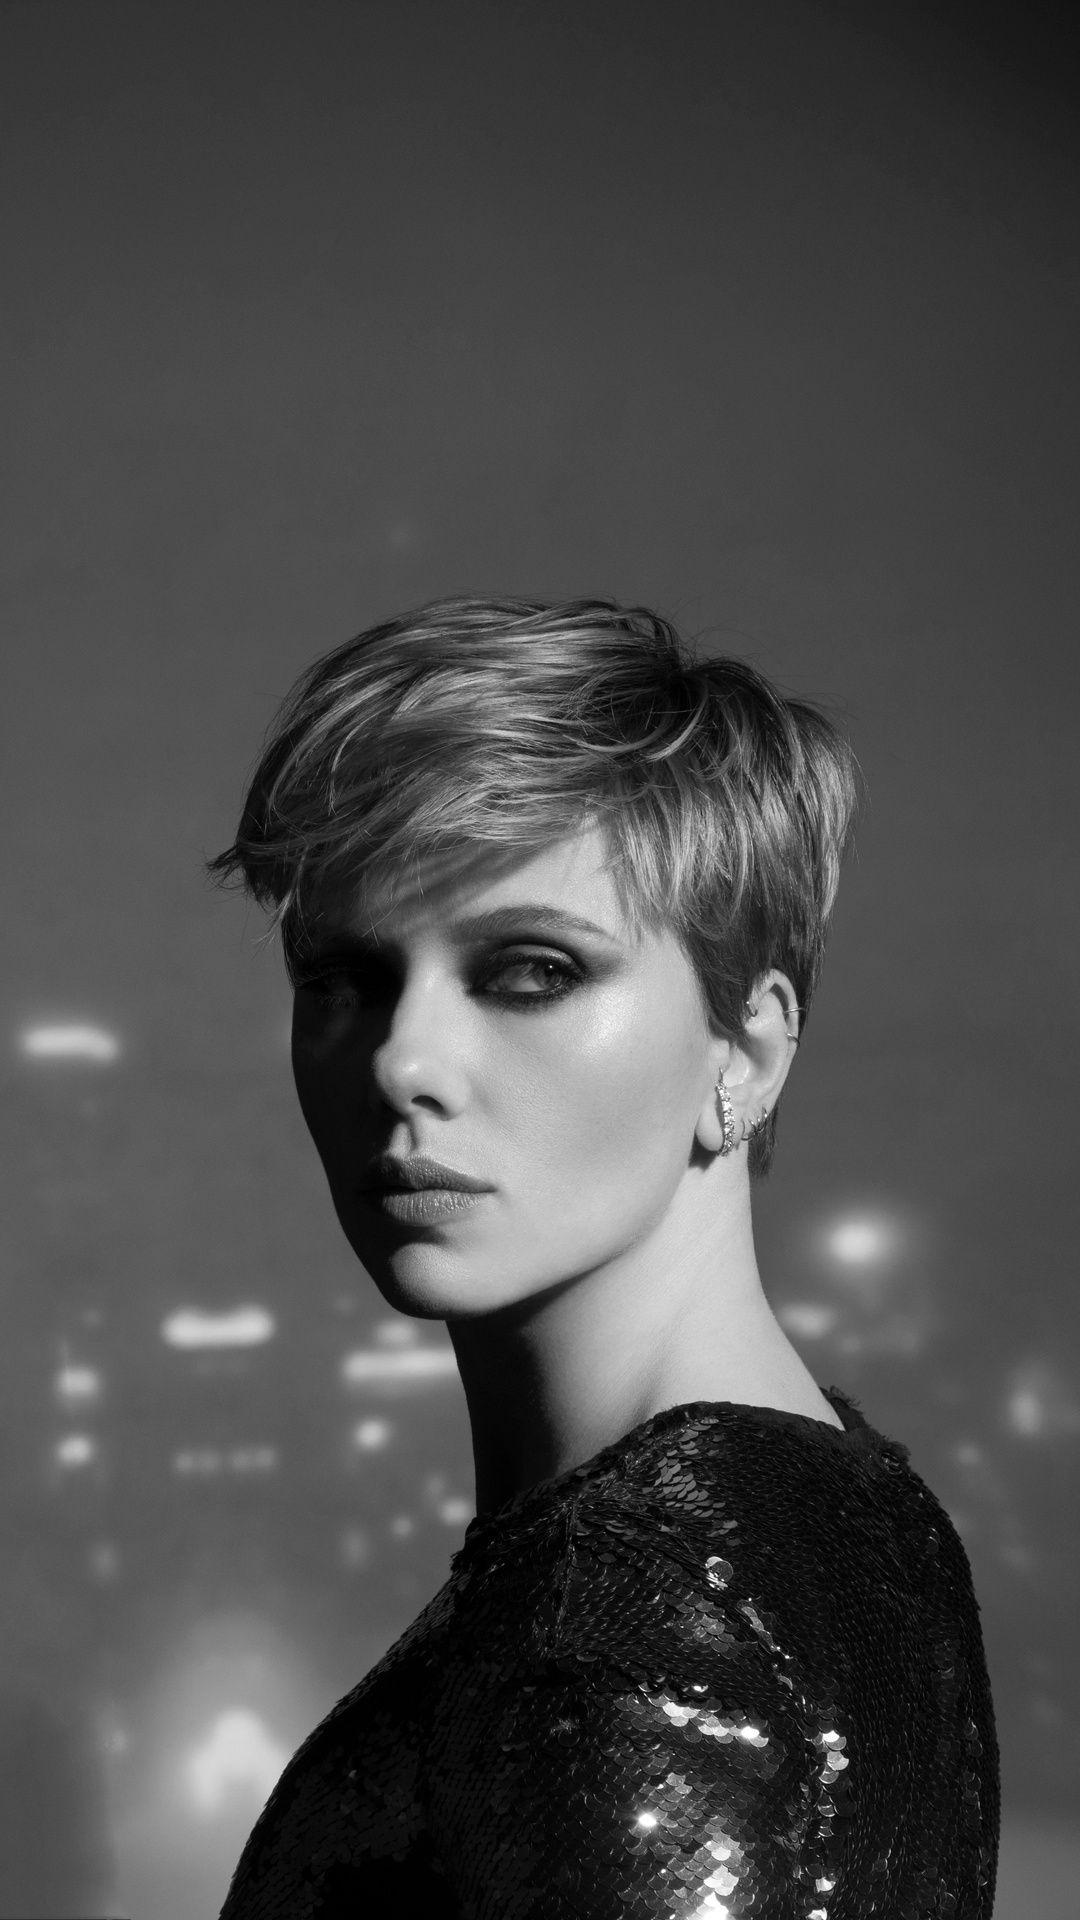 Scarlett Johansson Monochrome 2020 Mobile Wallpaper